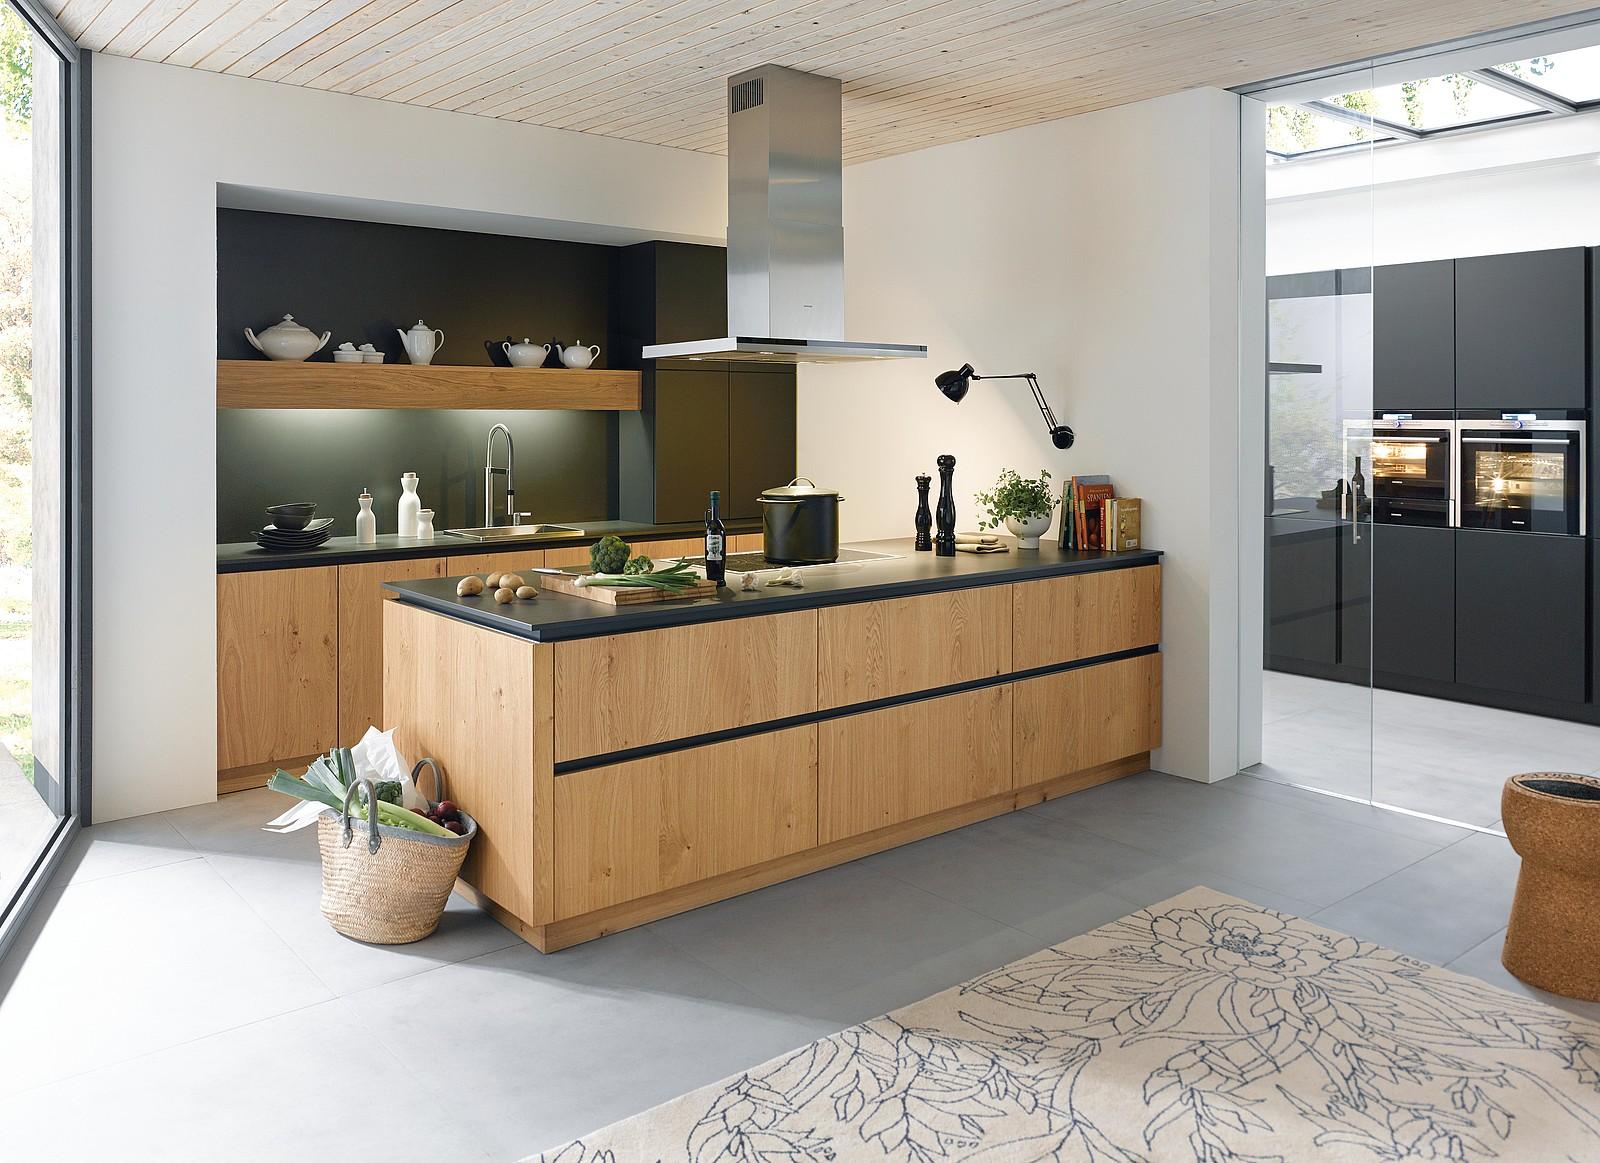 Full Size of Nolte Küchen Glasfront Kchenfronten Im Berblick Welche Ist Richtige Schlafzimmer Regal Küche Betten Wohnzimmer Nolte Küchen Glasfront